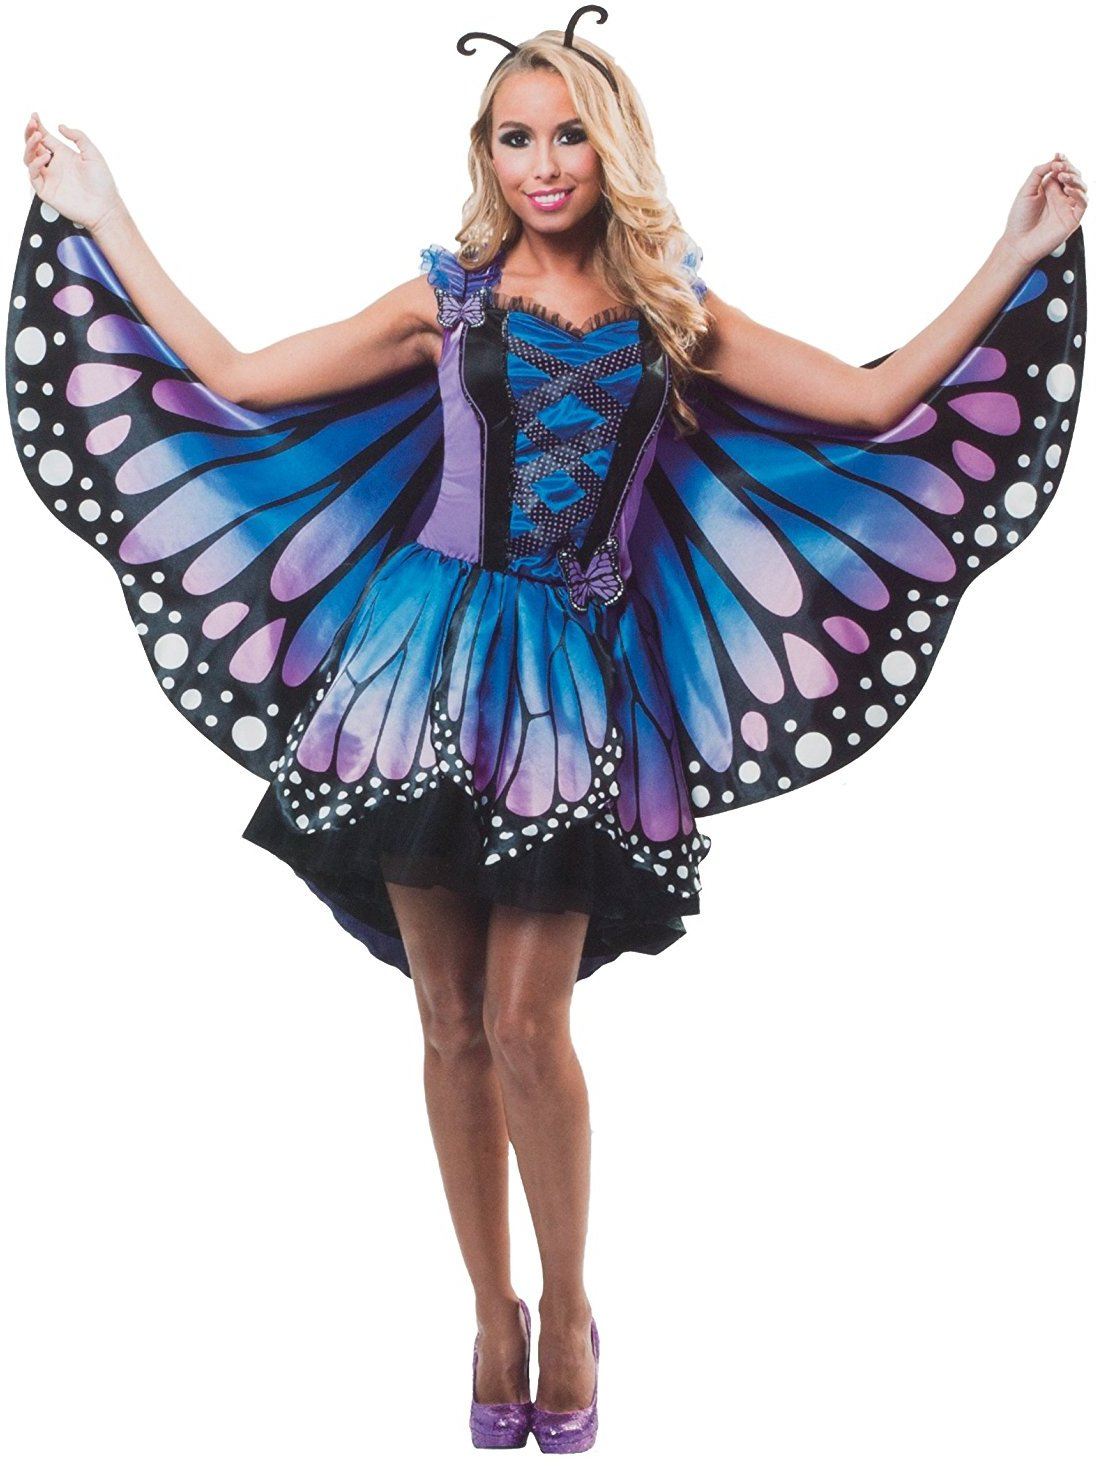 87c96ec746961 Karneval Damen Kostüm/Fasching/Halloween-Parties - Pfauen...[Größe ...